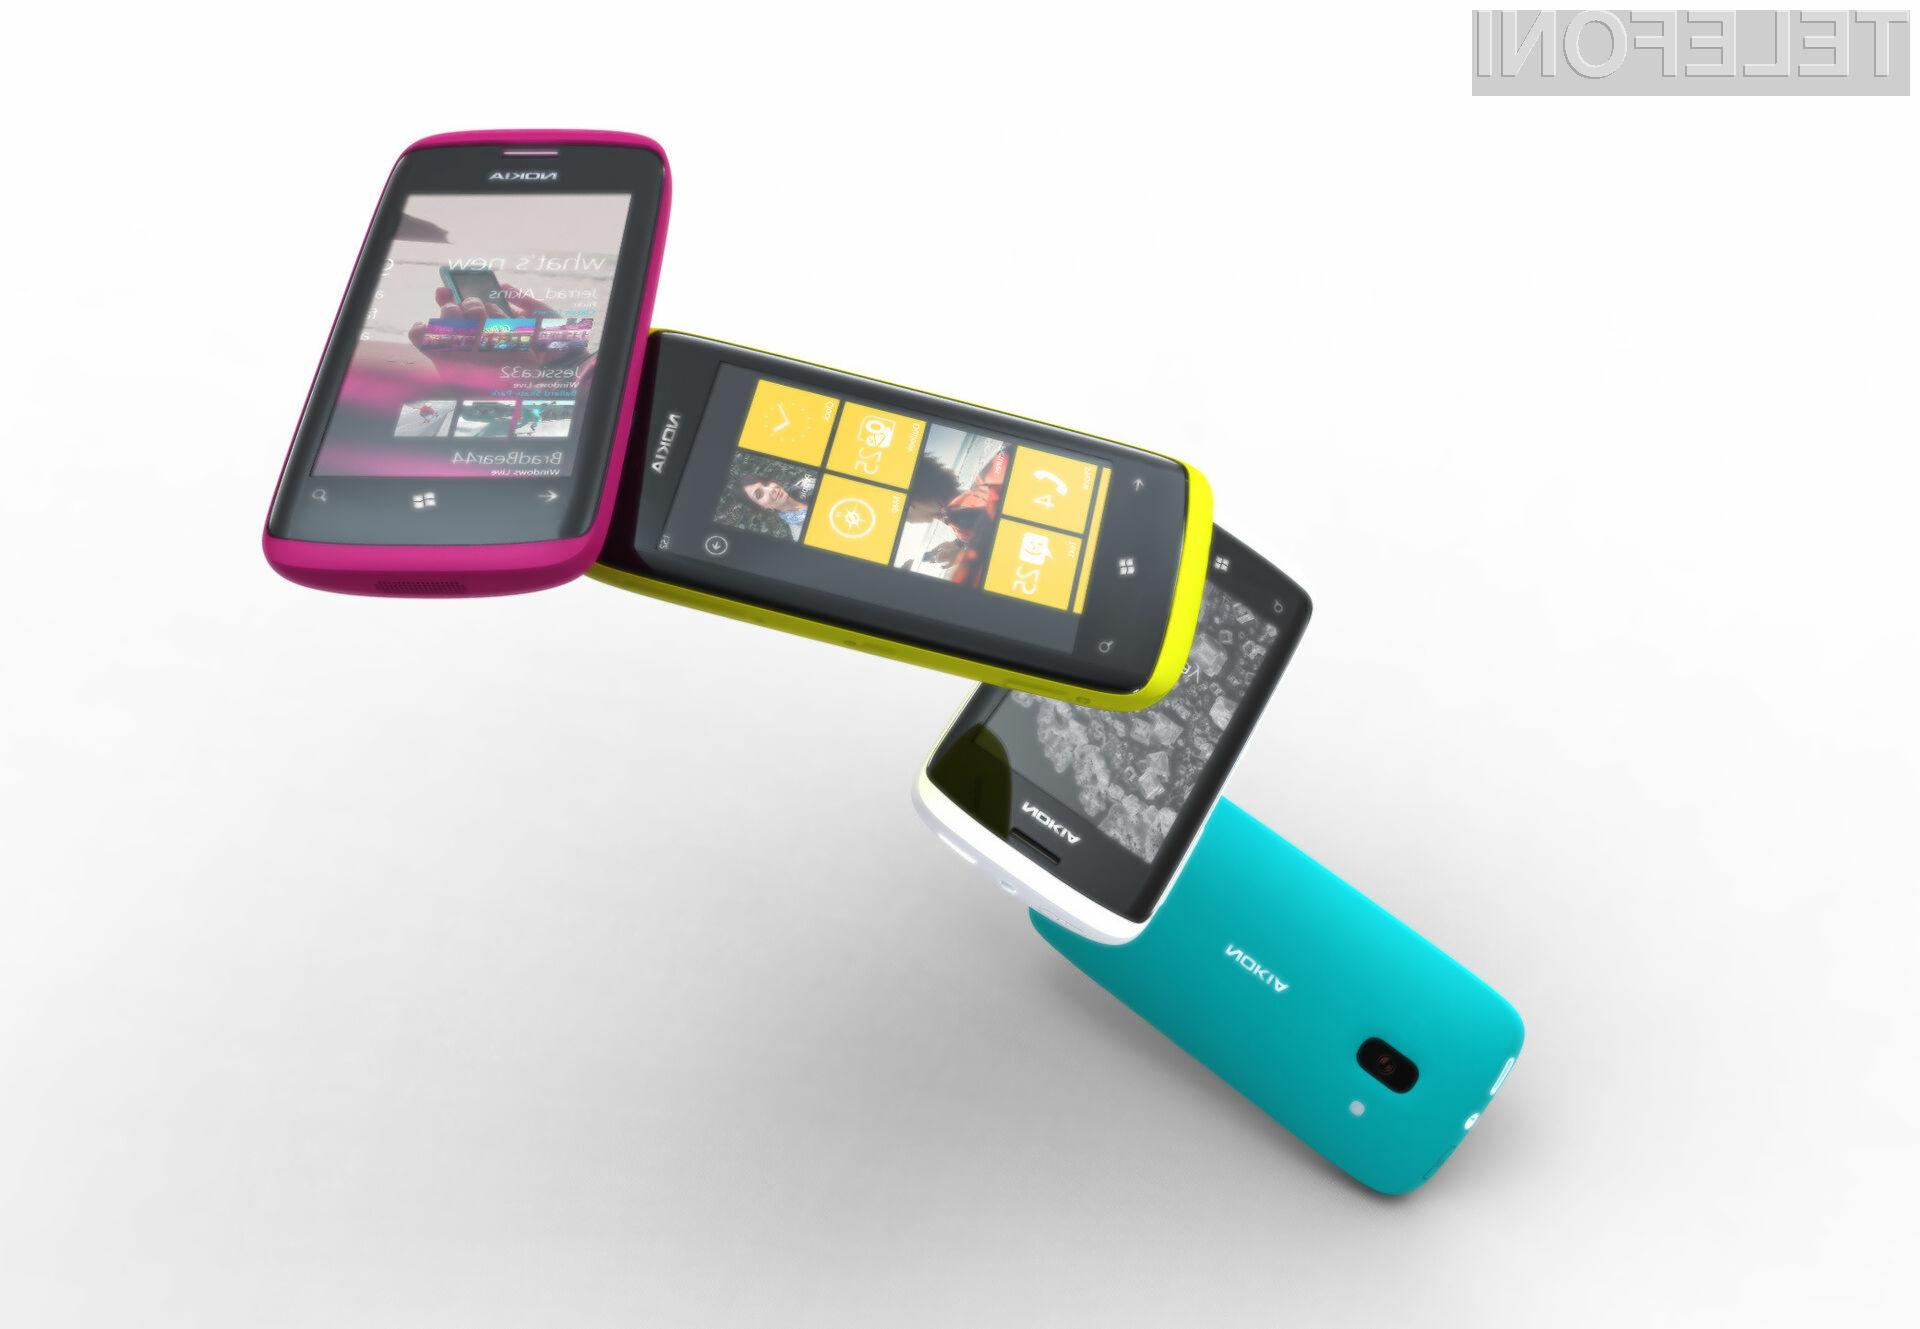 Nokia si od mobilnikov z operacijskim sistemom Windows Phone 7 obeta veliko.